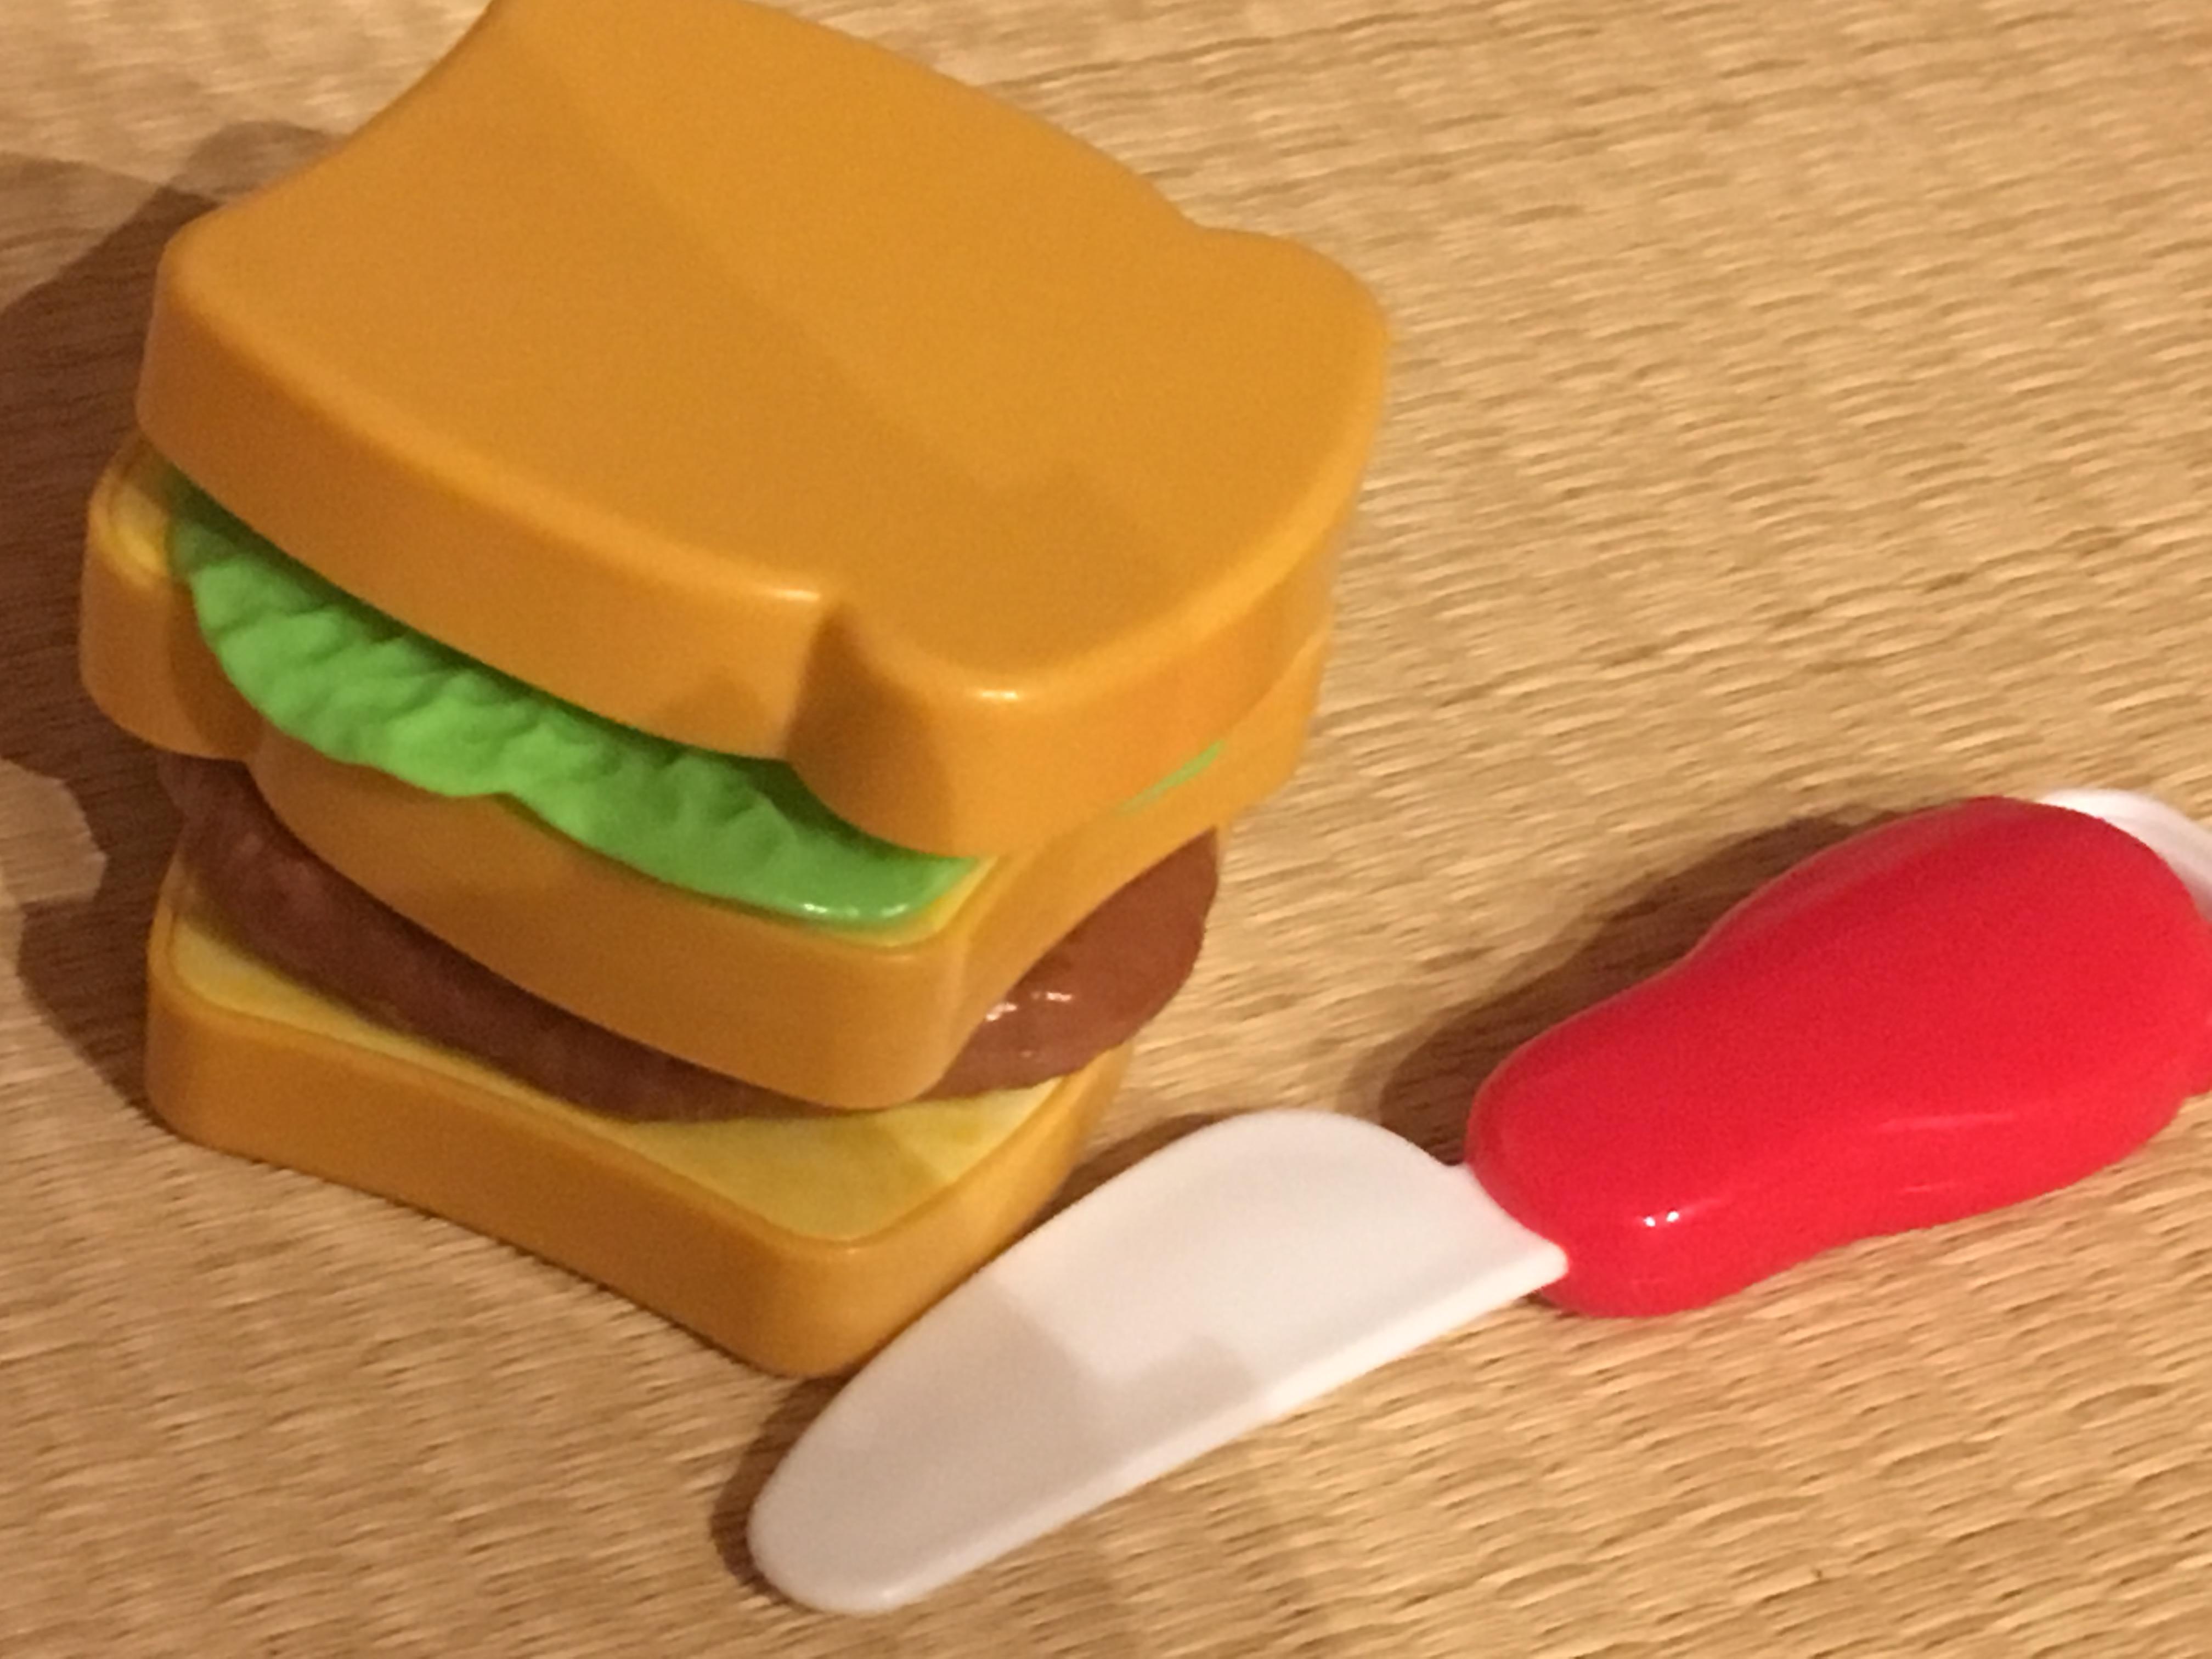 サンドイッチとおっぱいの衝撃事件